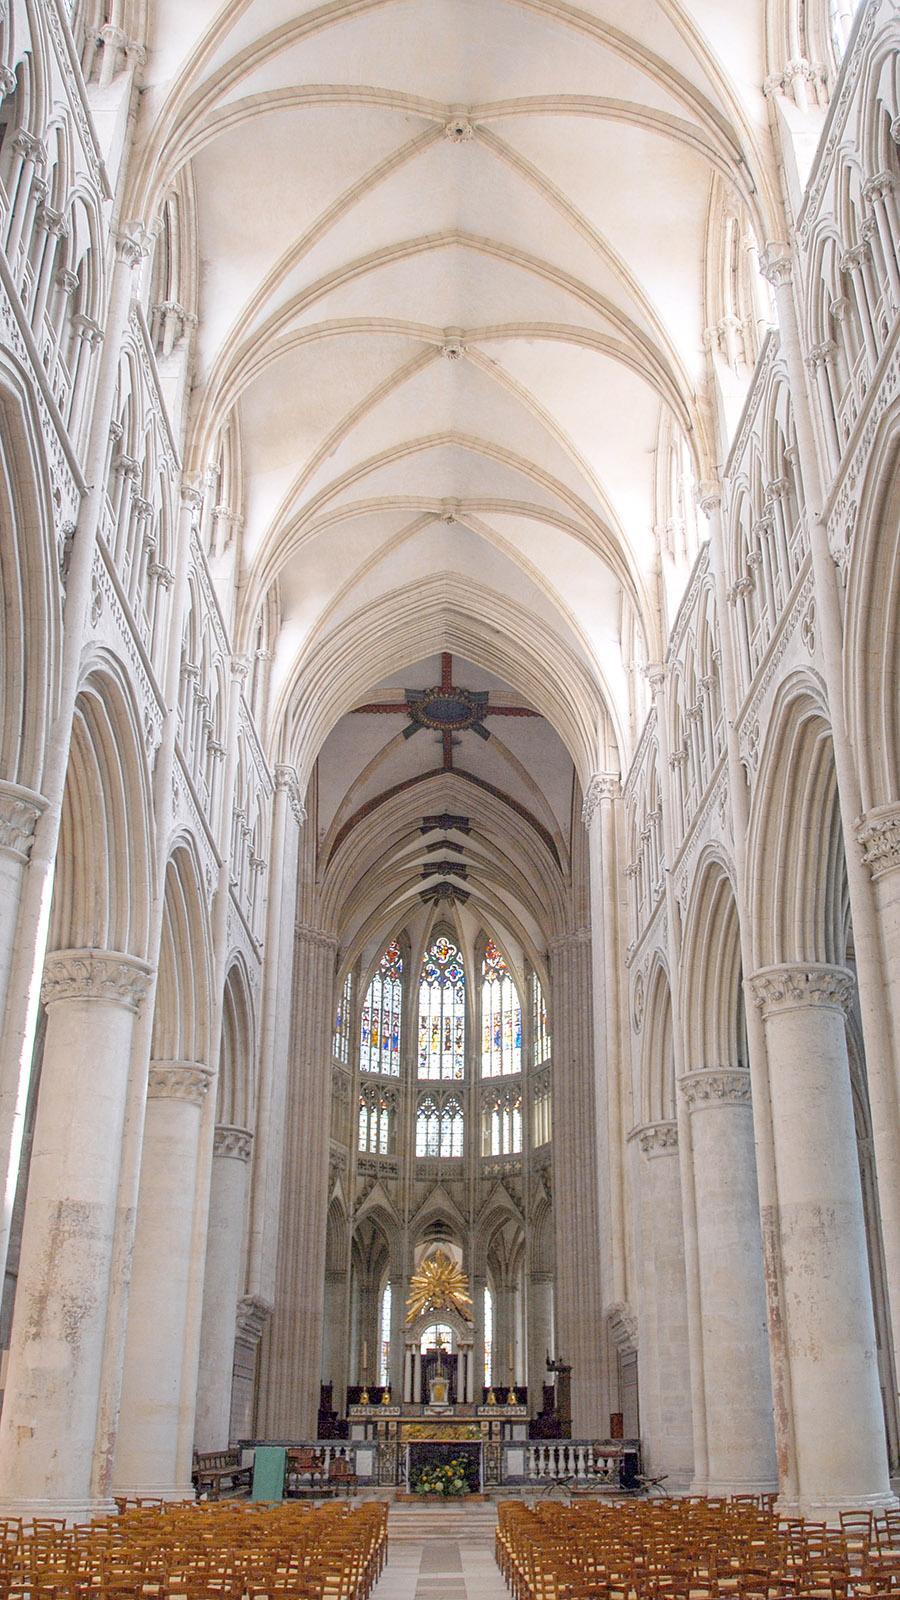 Licht und hell: das Innere der Kathedrale von Sées. Foto: Hilke Maunder